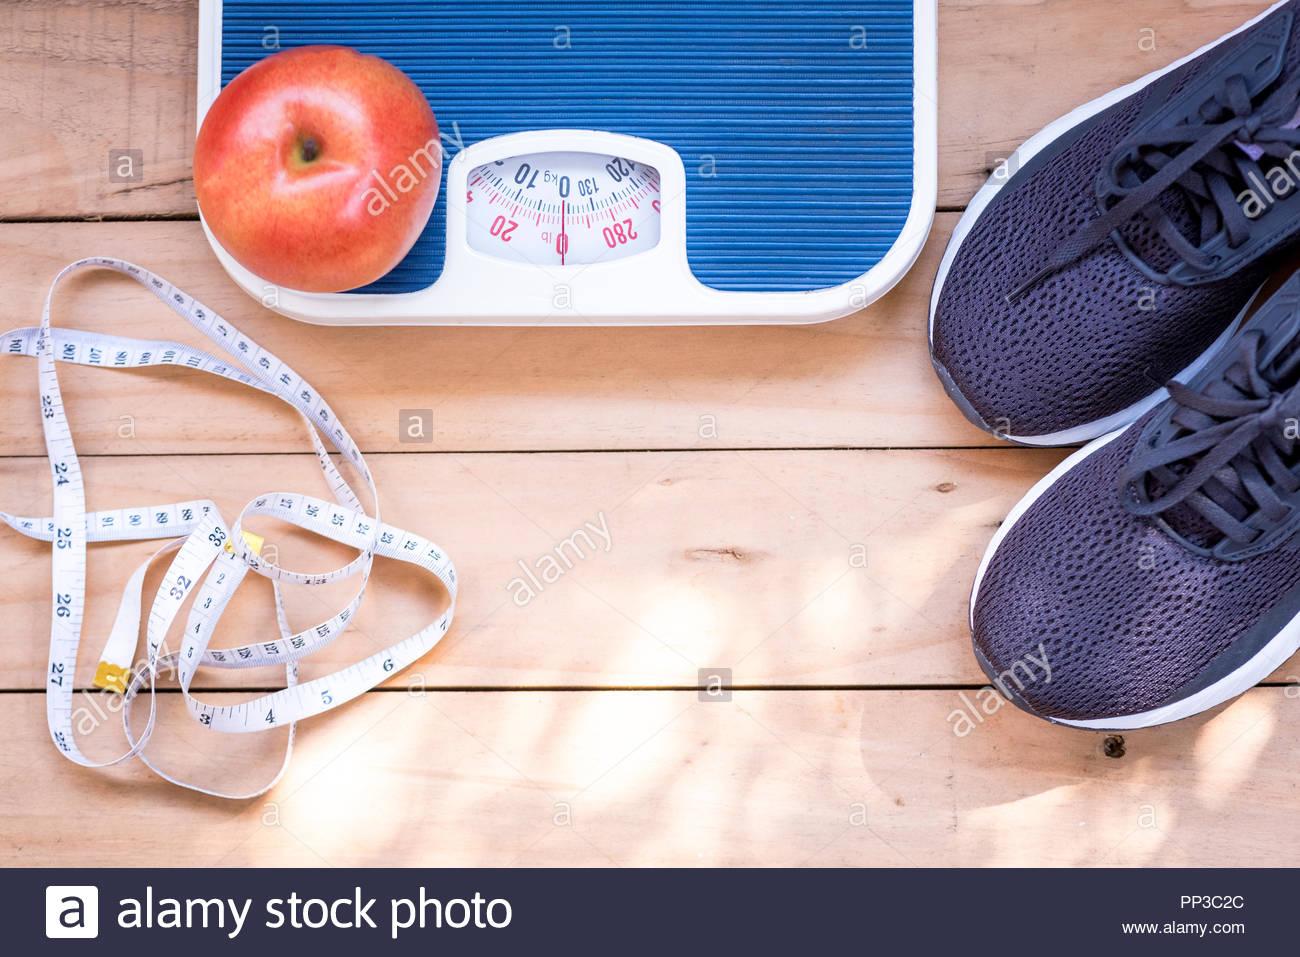 Chaussures de course noir , pomme rouge, blanc ruban à mesurer et une balance sur le plancher en bois. Accessoires de sport Photo Stock